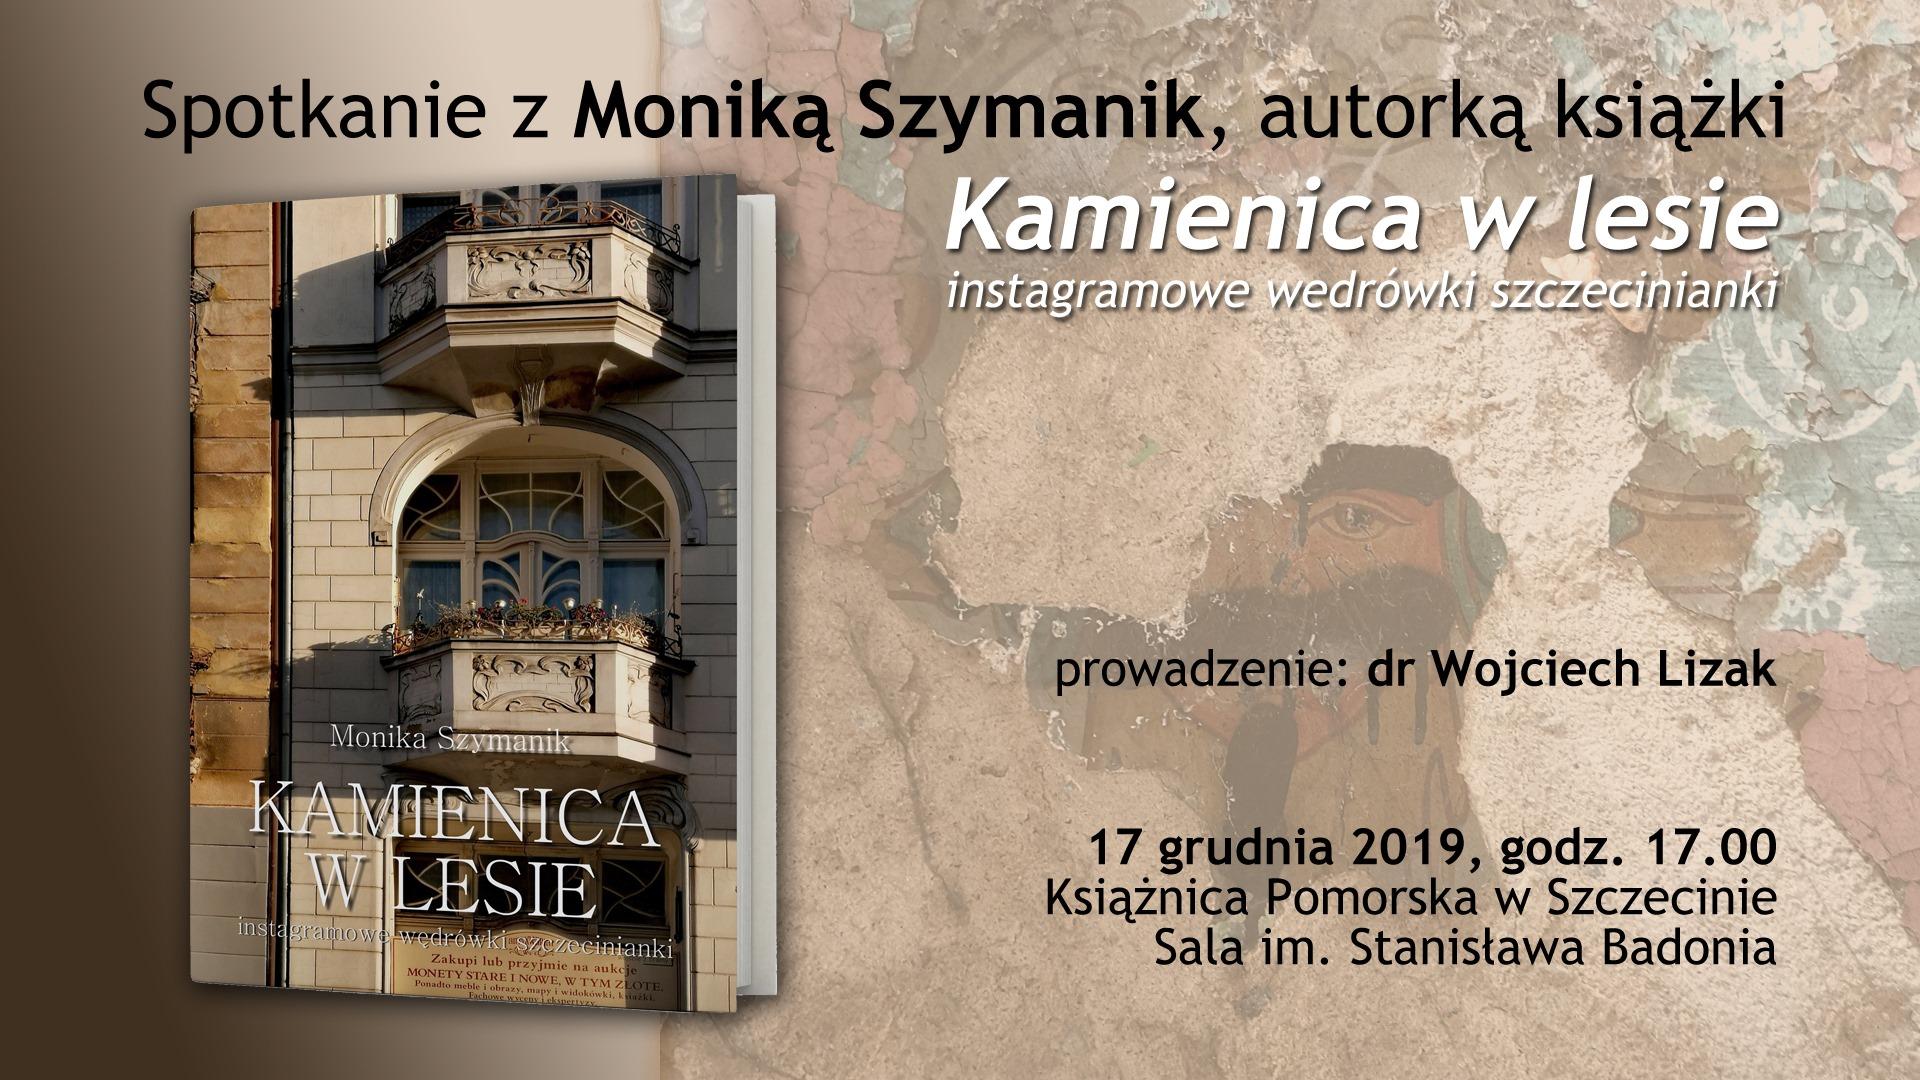 Kamienica w lesie - Monika Szymanik